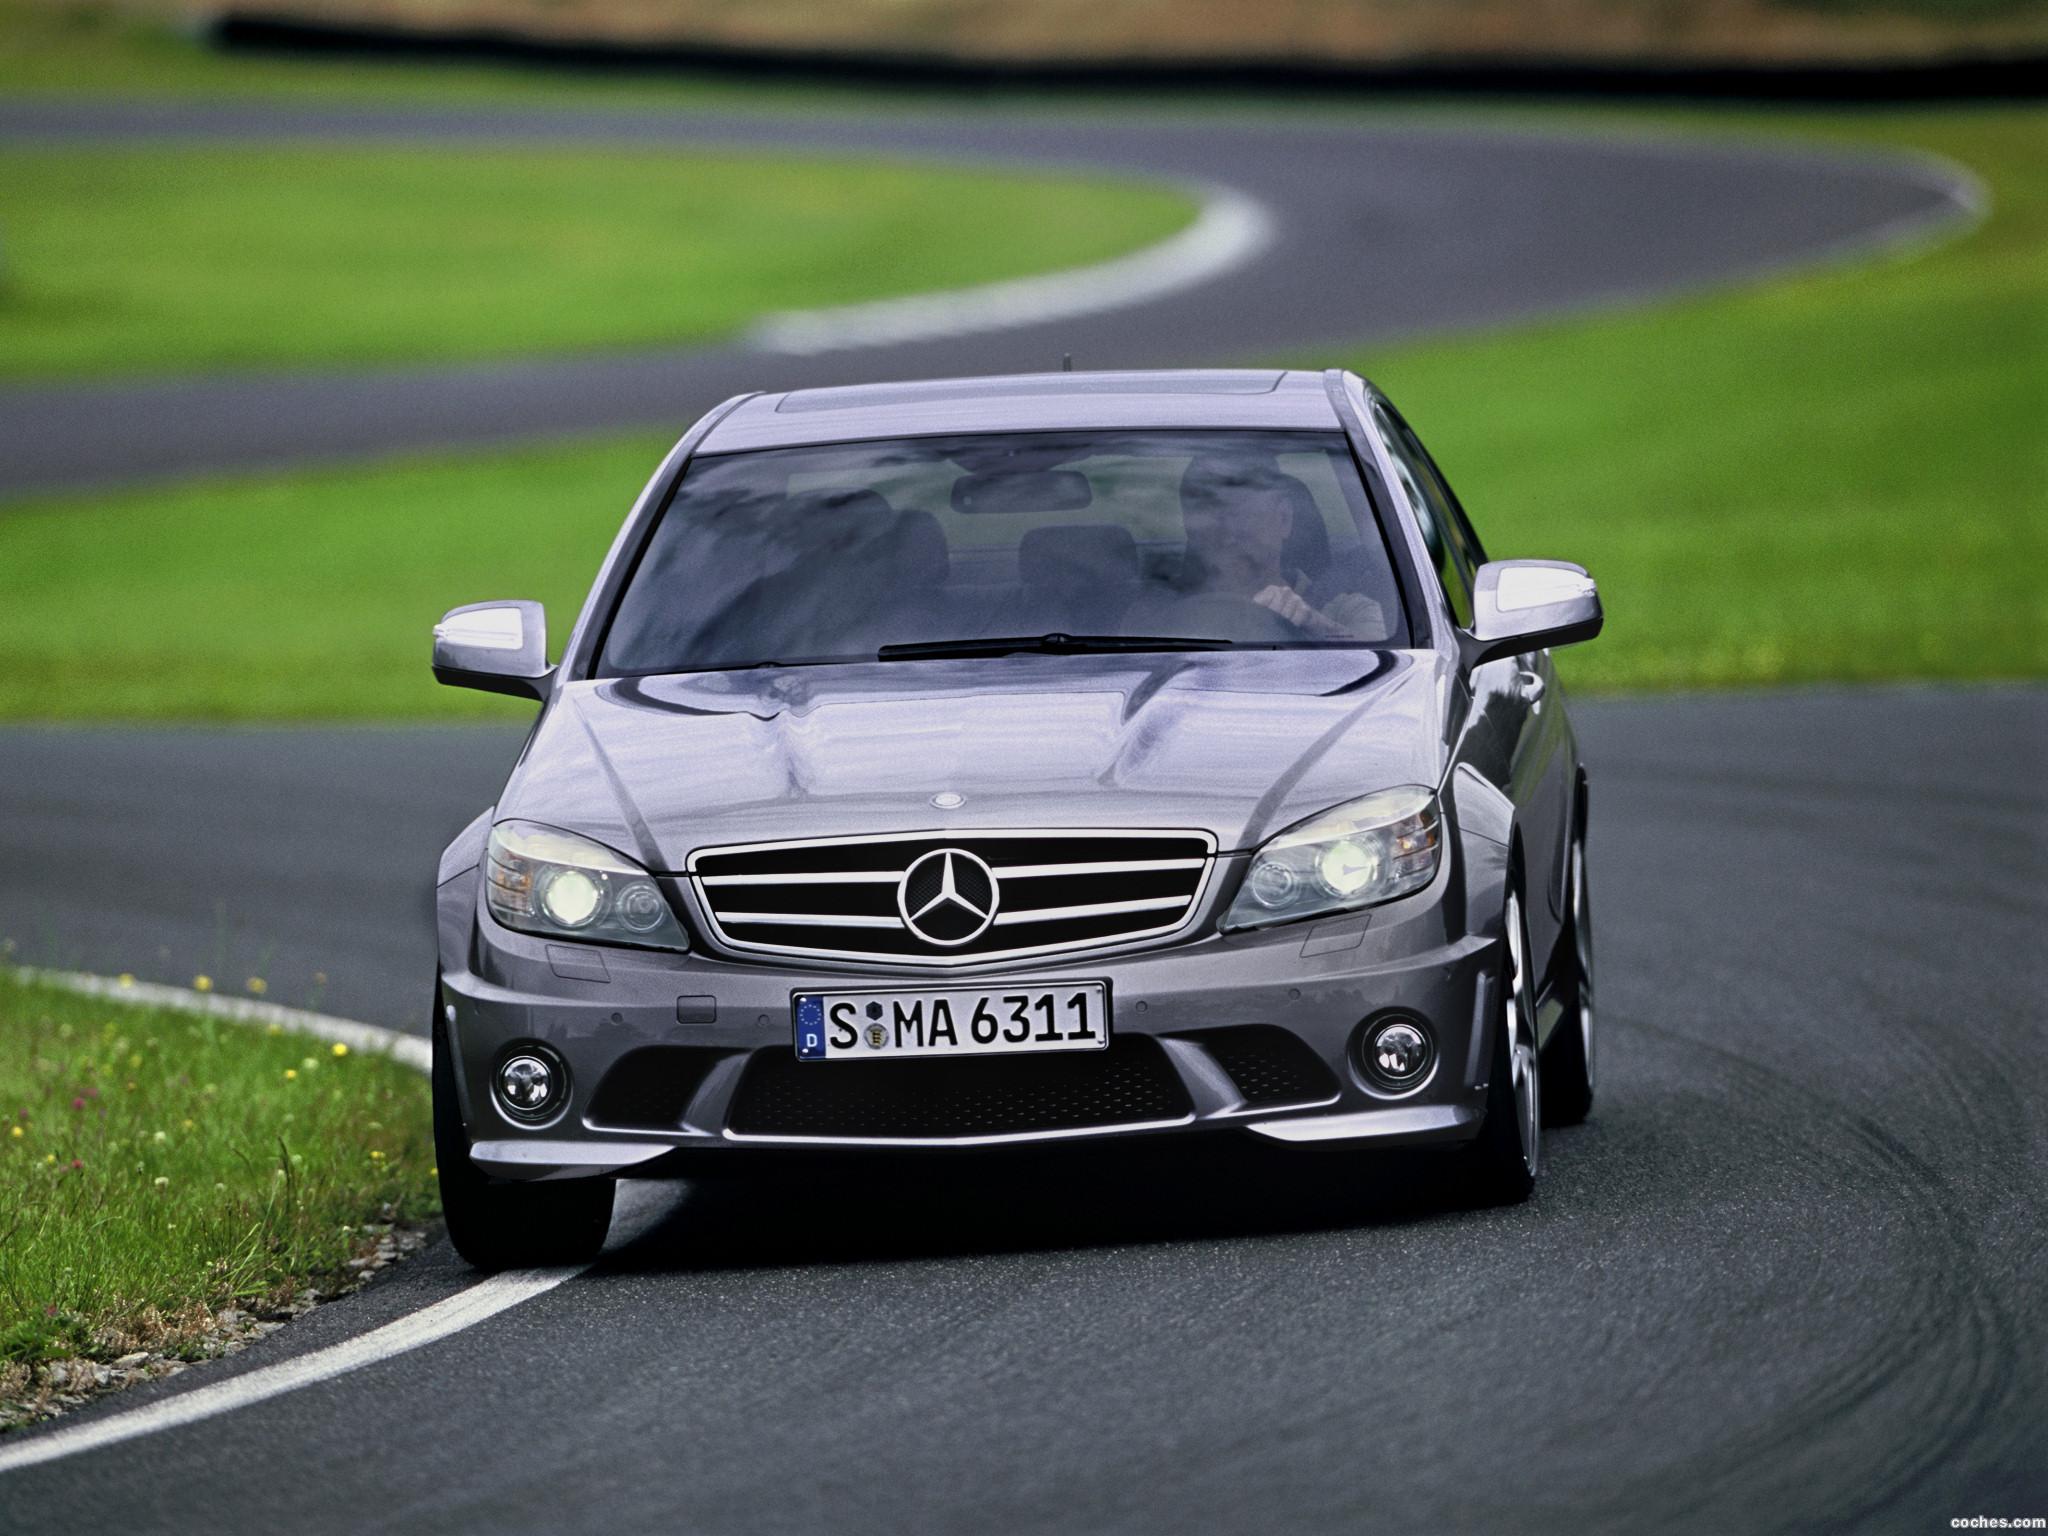 Foto 1 de Mercedes Clase C C63 AMG 2007